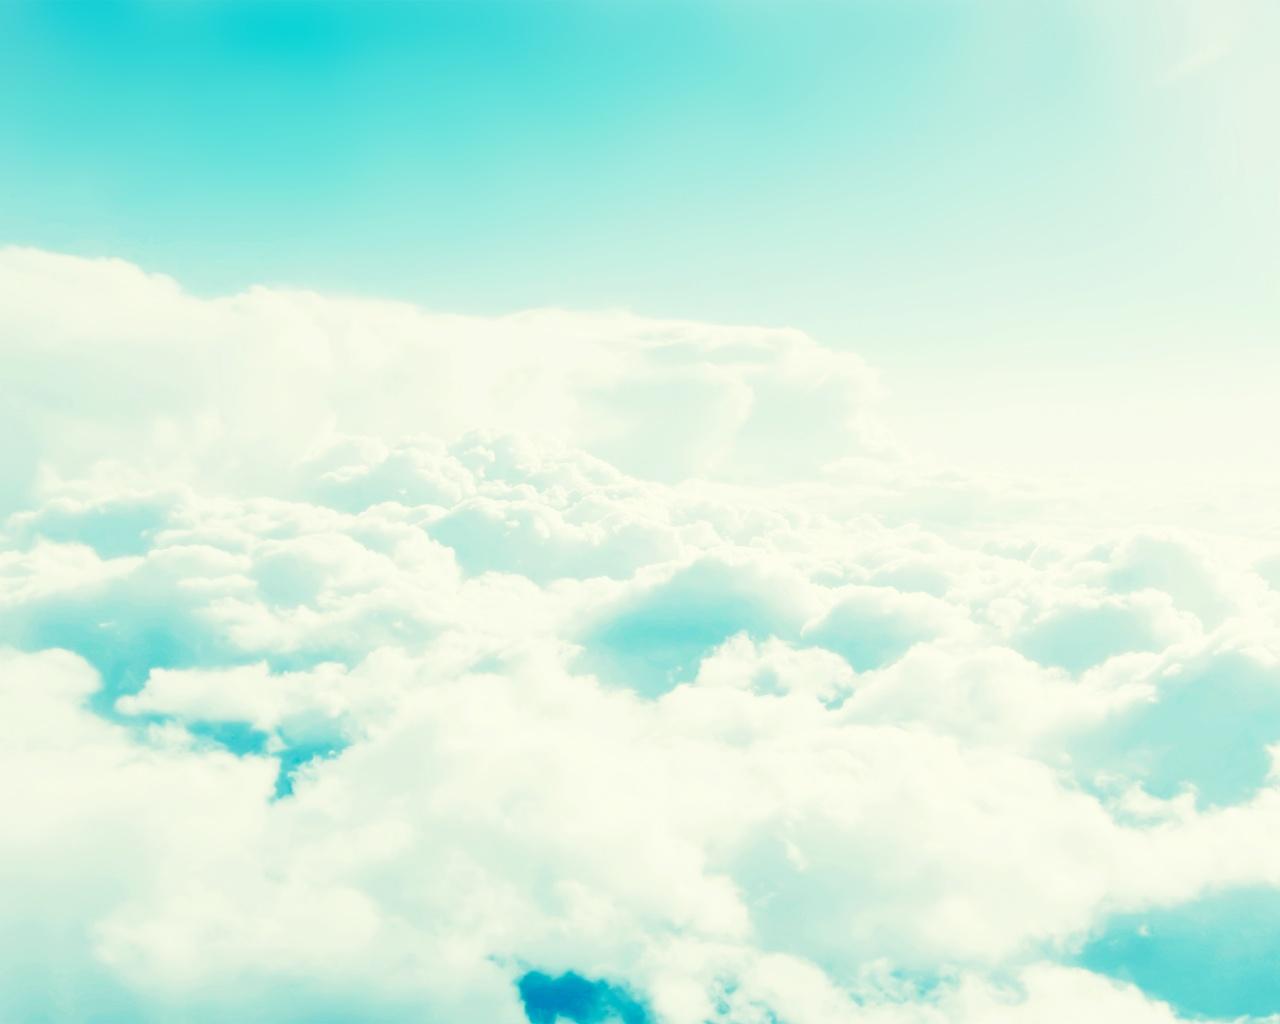 1280x1024 Light Blue Cloudy Sky desktop PC and Mac wallpaper 1280x1024